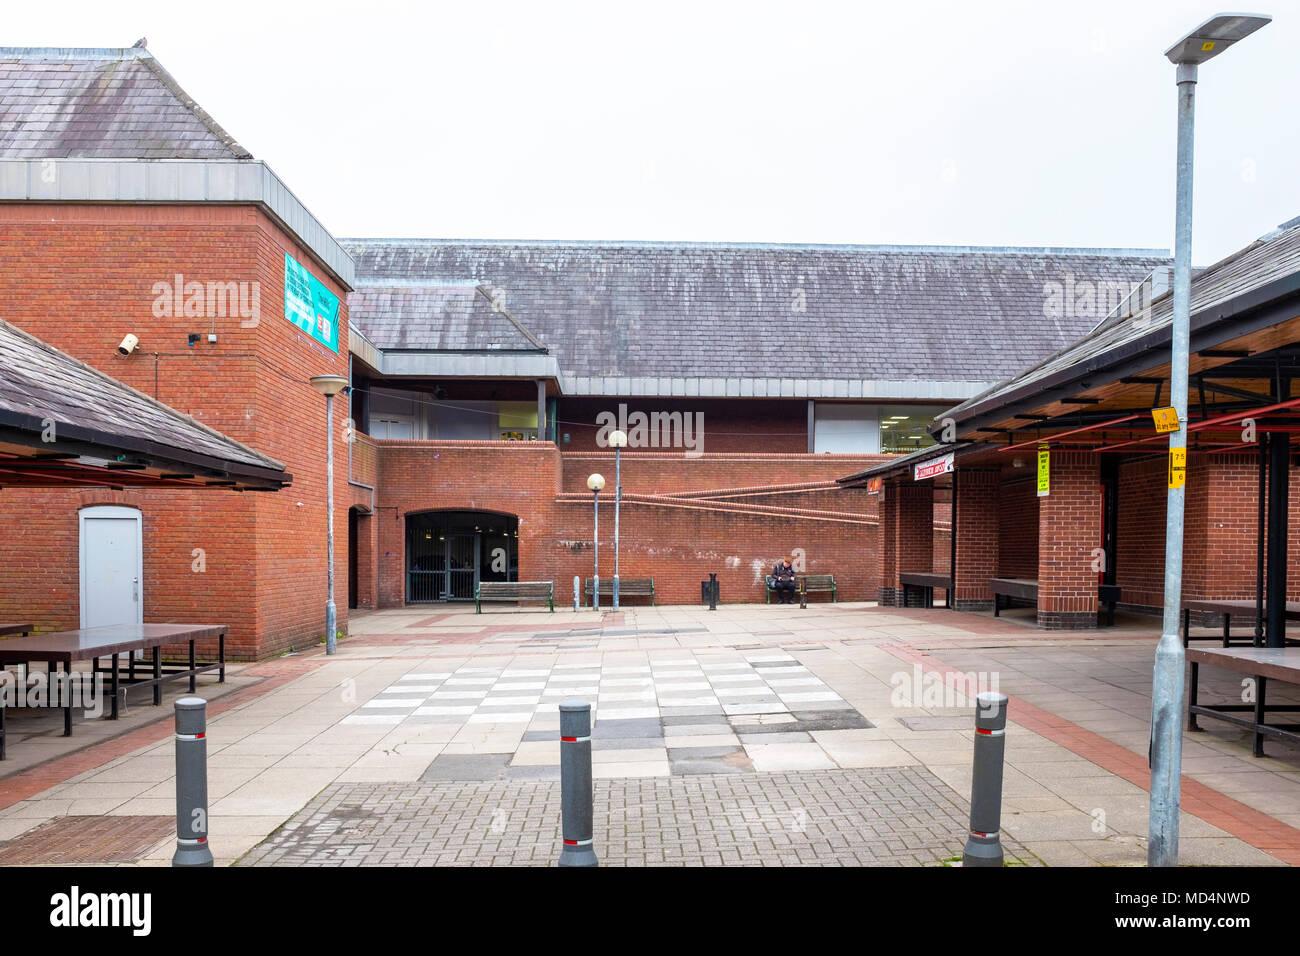 Deserted market in Congleton Cheshire UK - Stock Image